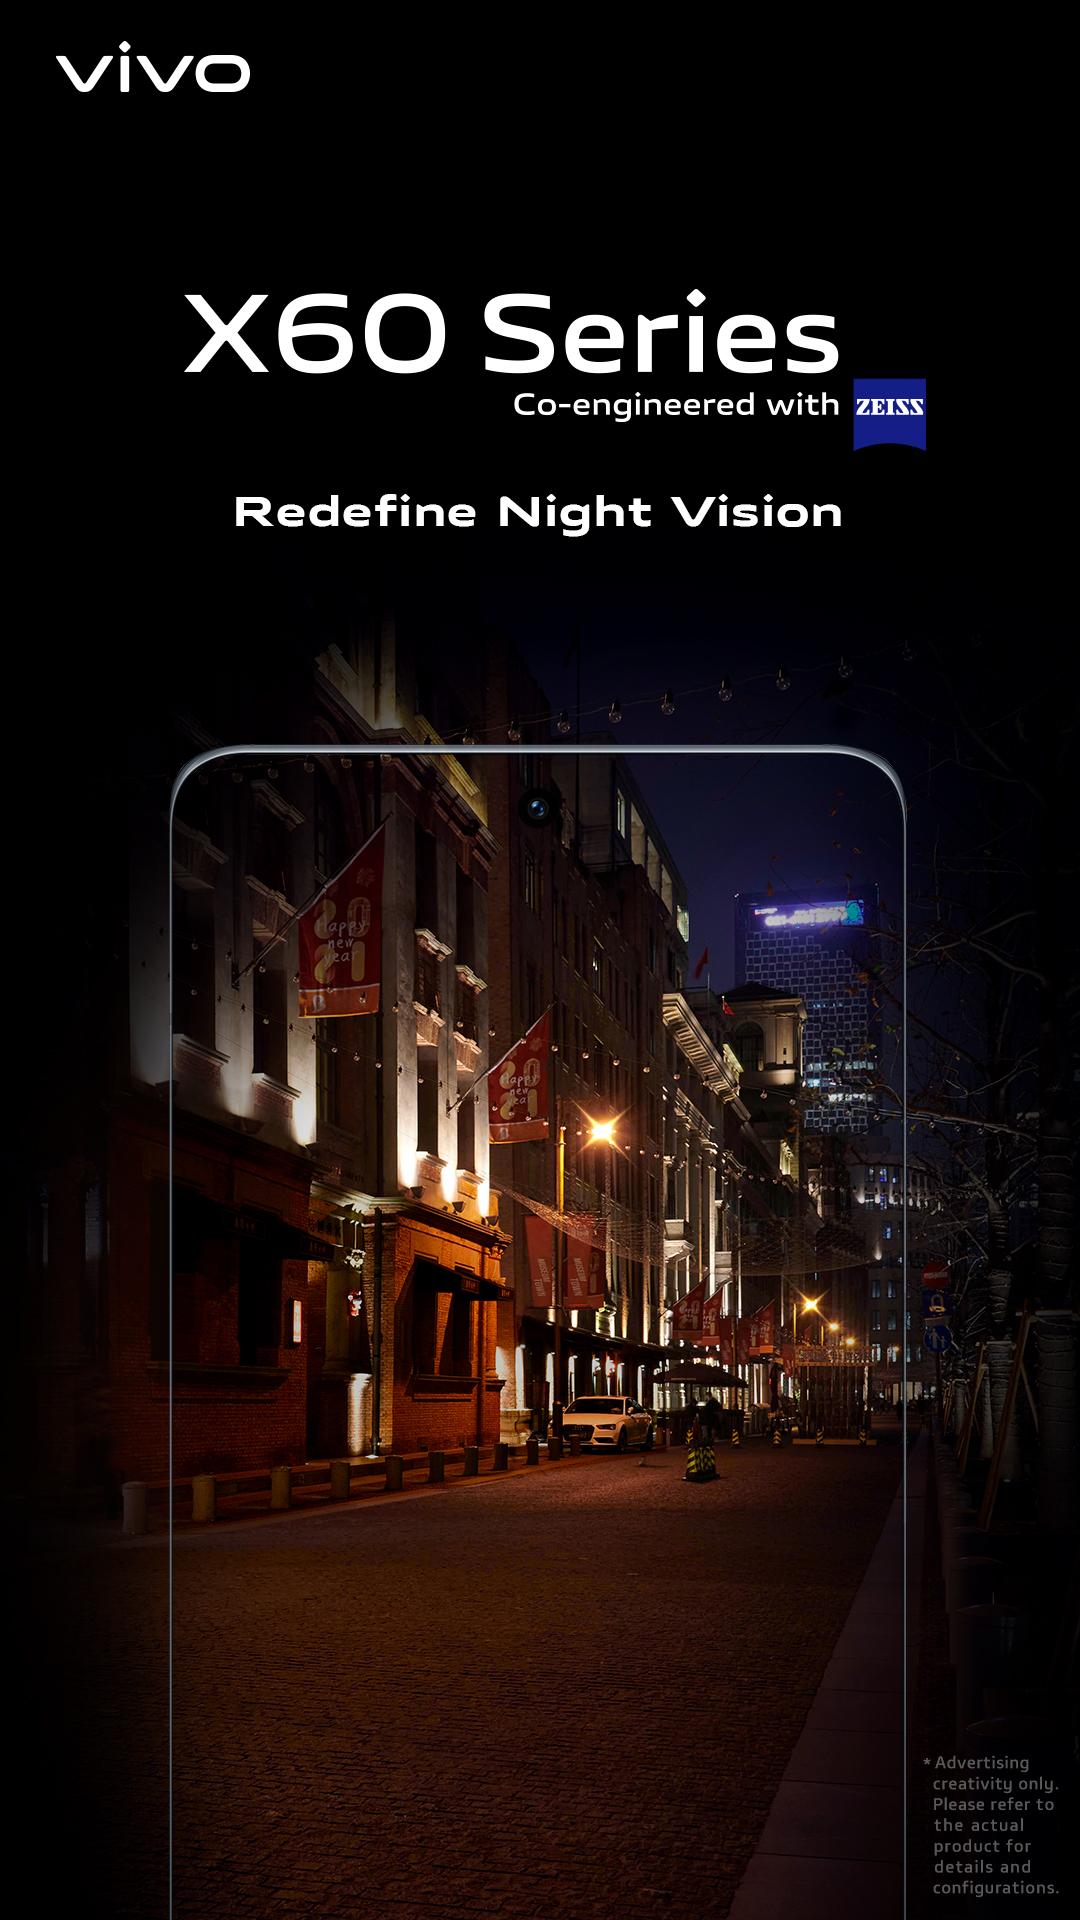 Redefine Night Vision